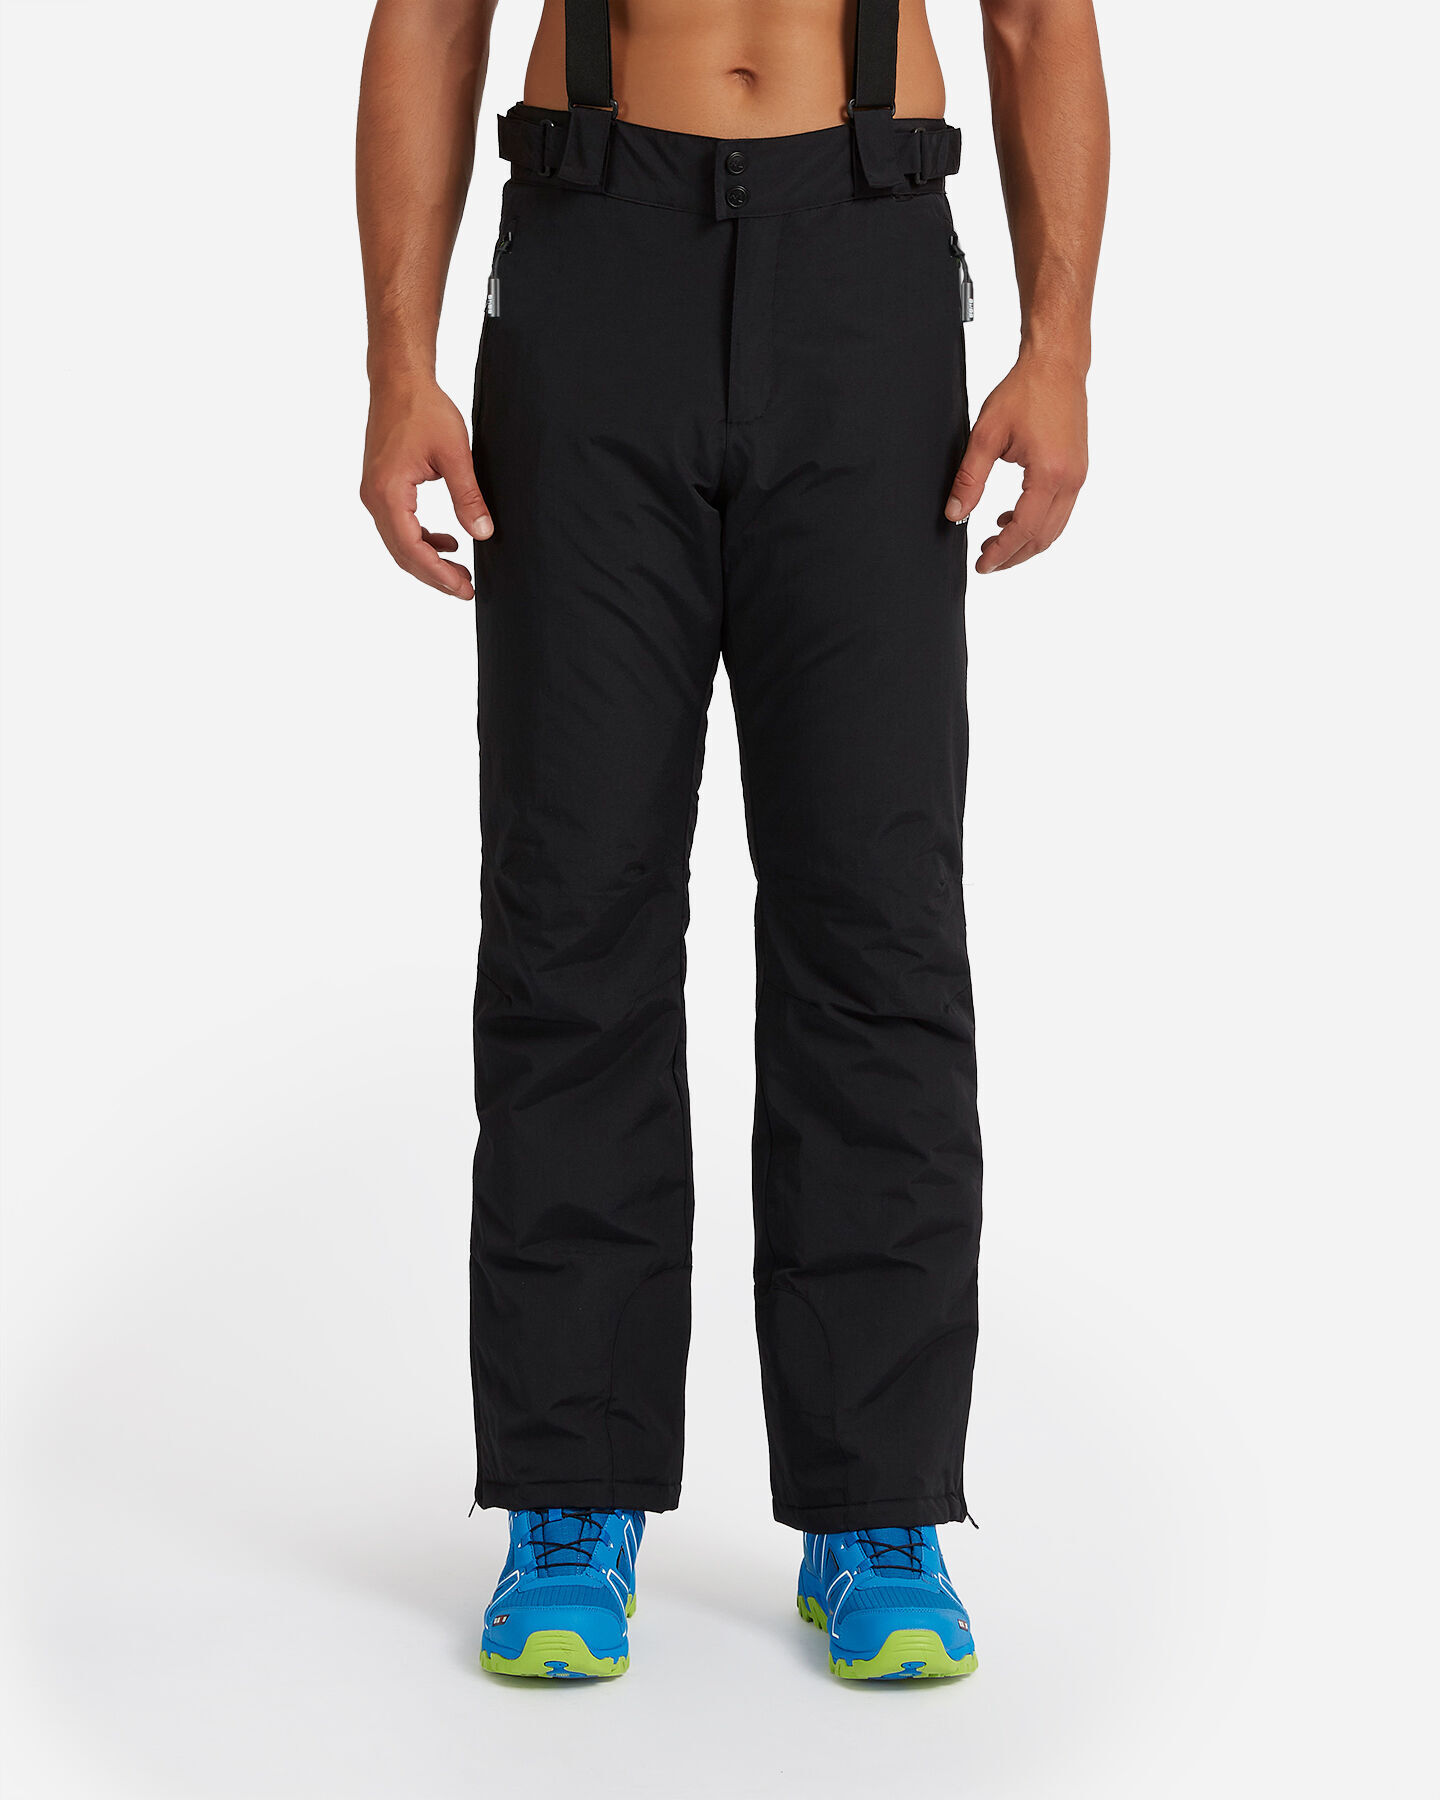 Pantalone sci 8848 REDORTA M S1328296 scatto 0